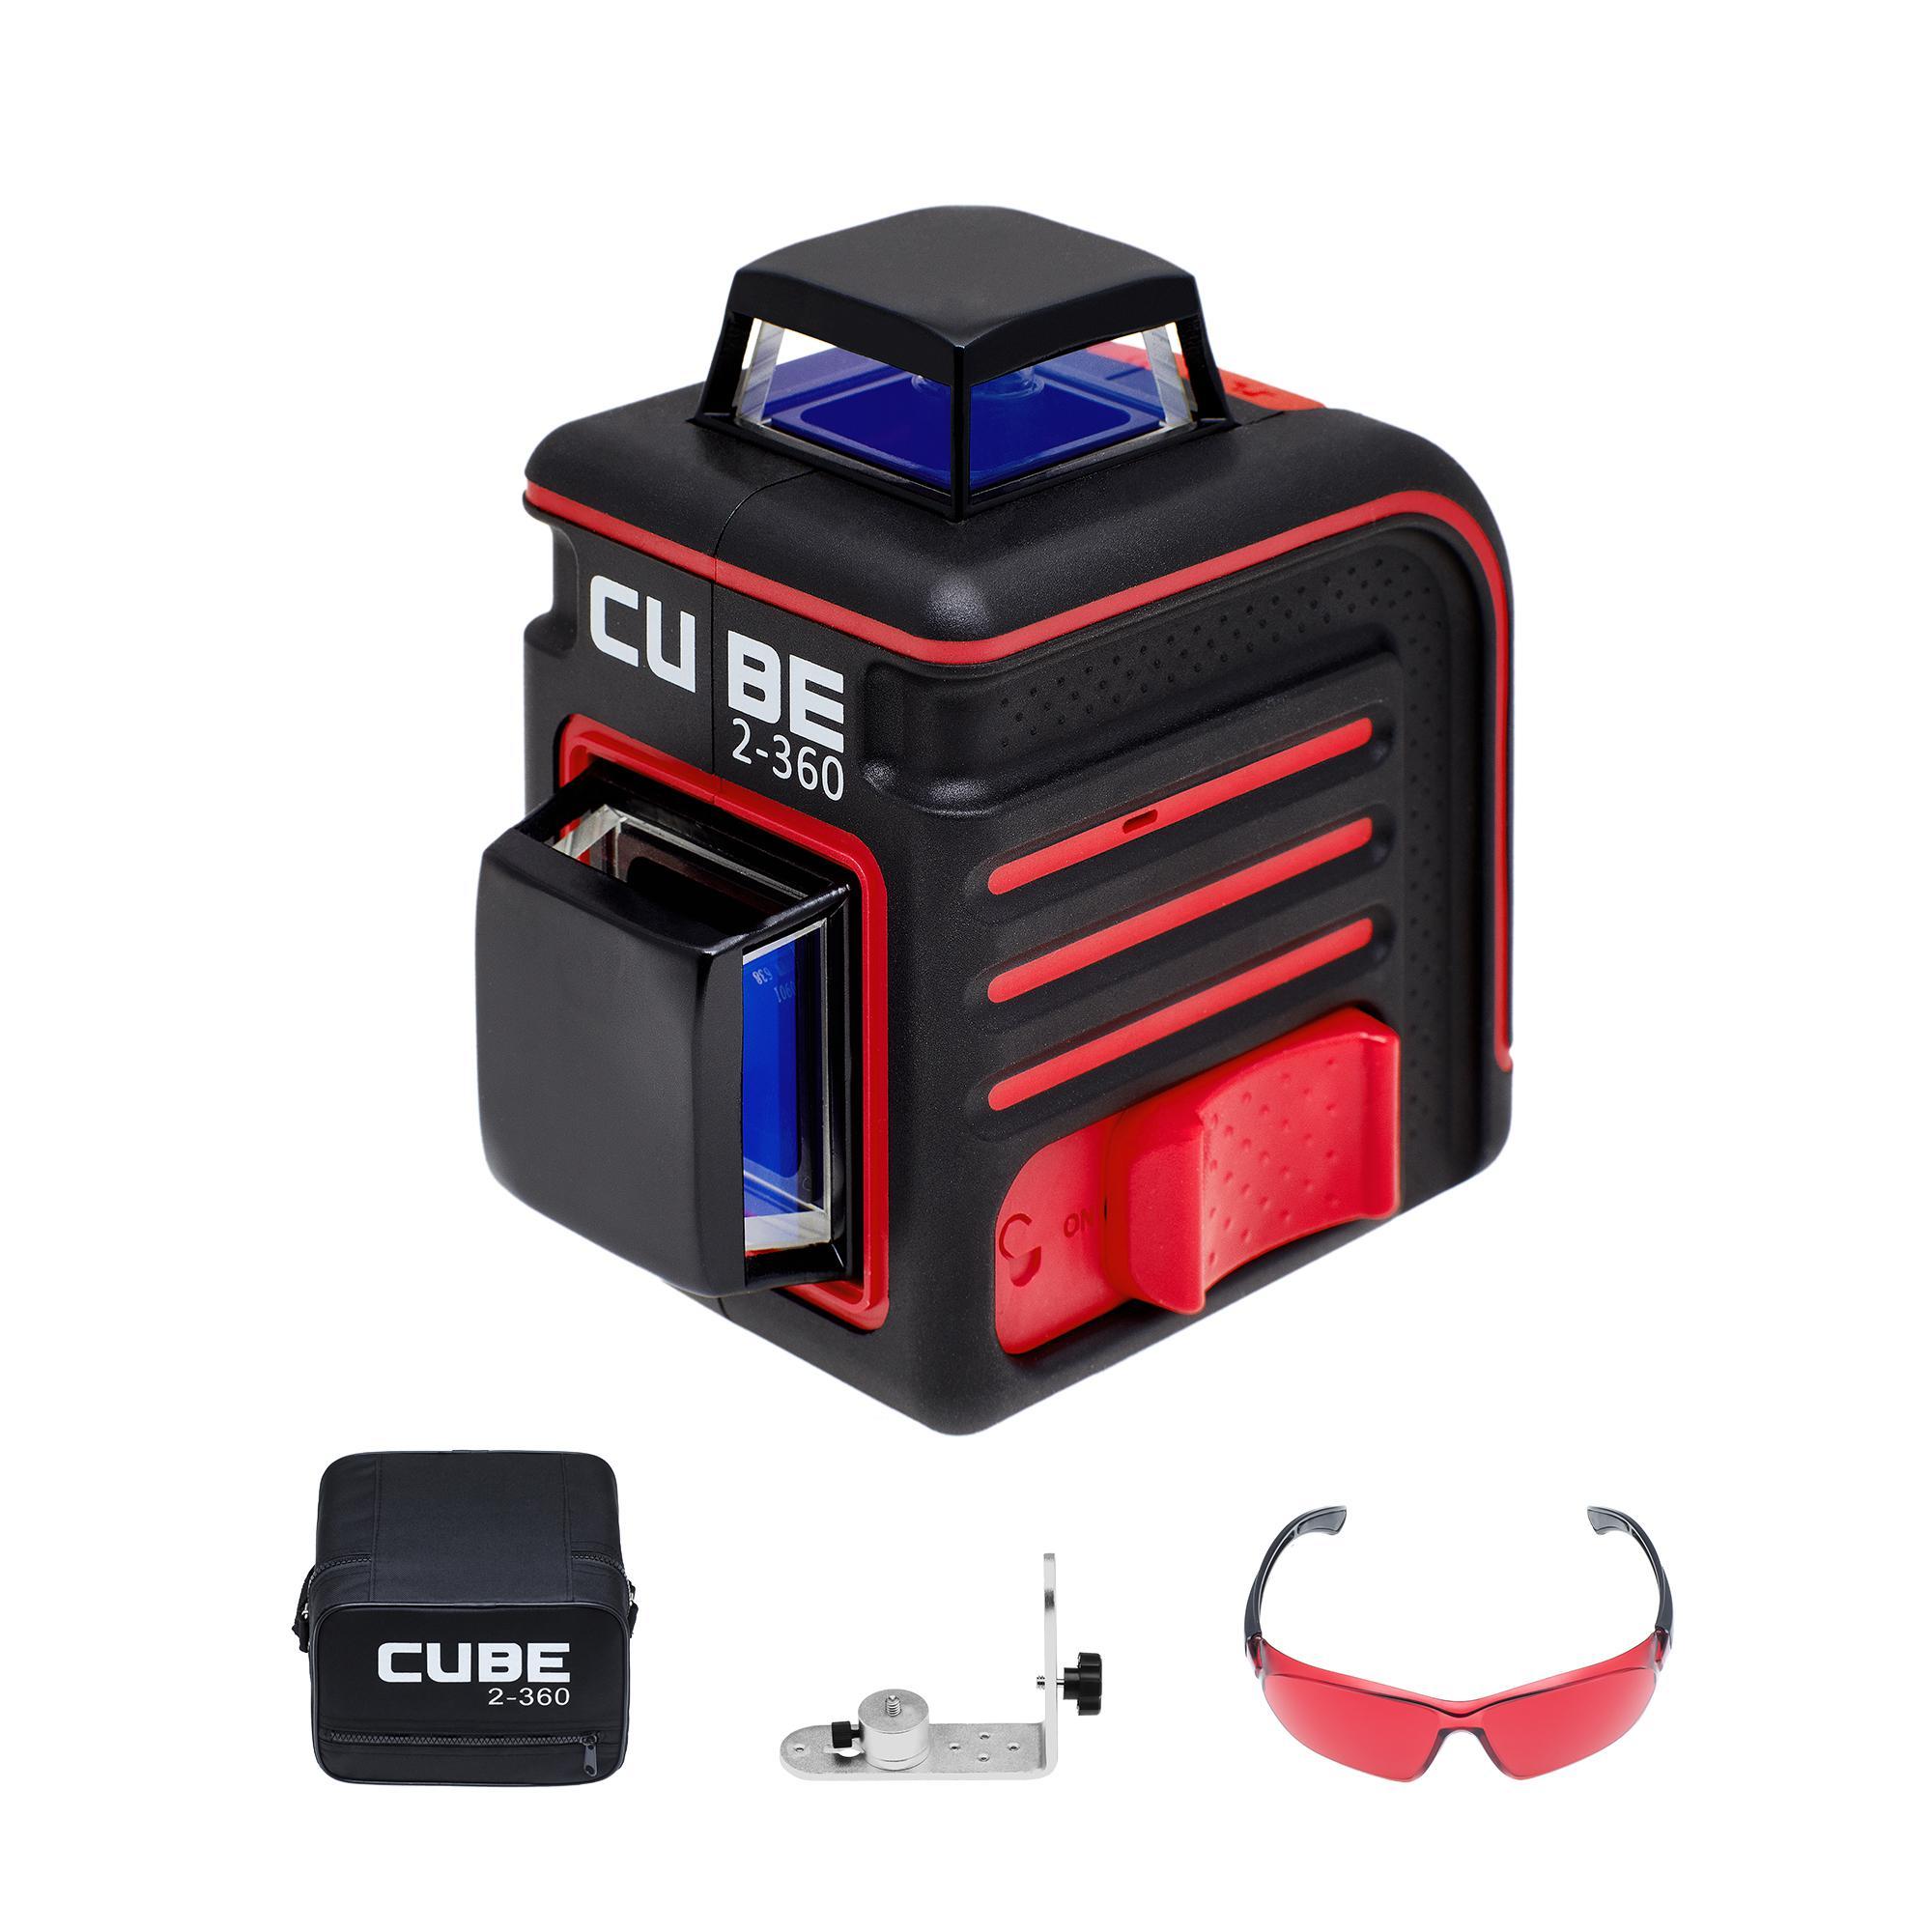 цена на Построитель лазерных плоскостей Ada Cube 2-360 home edition